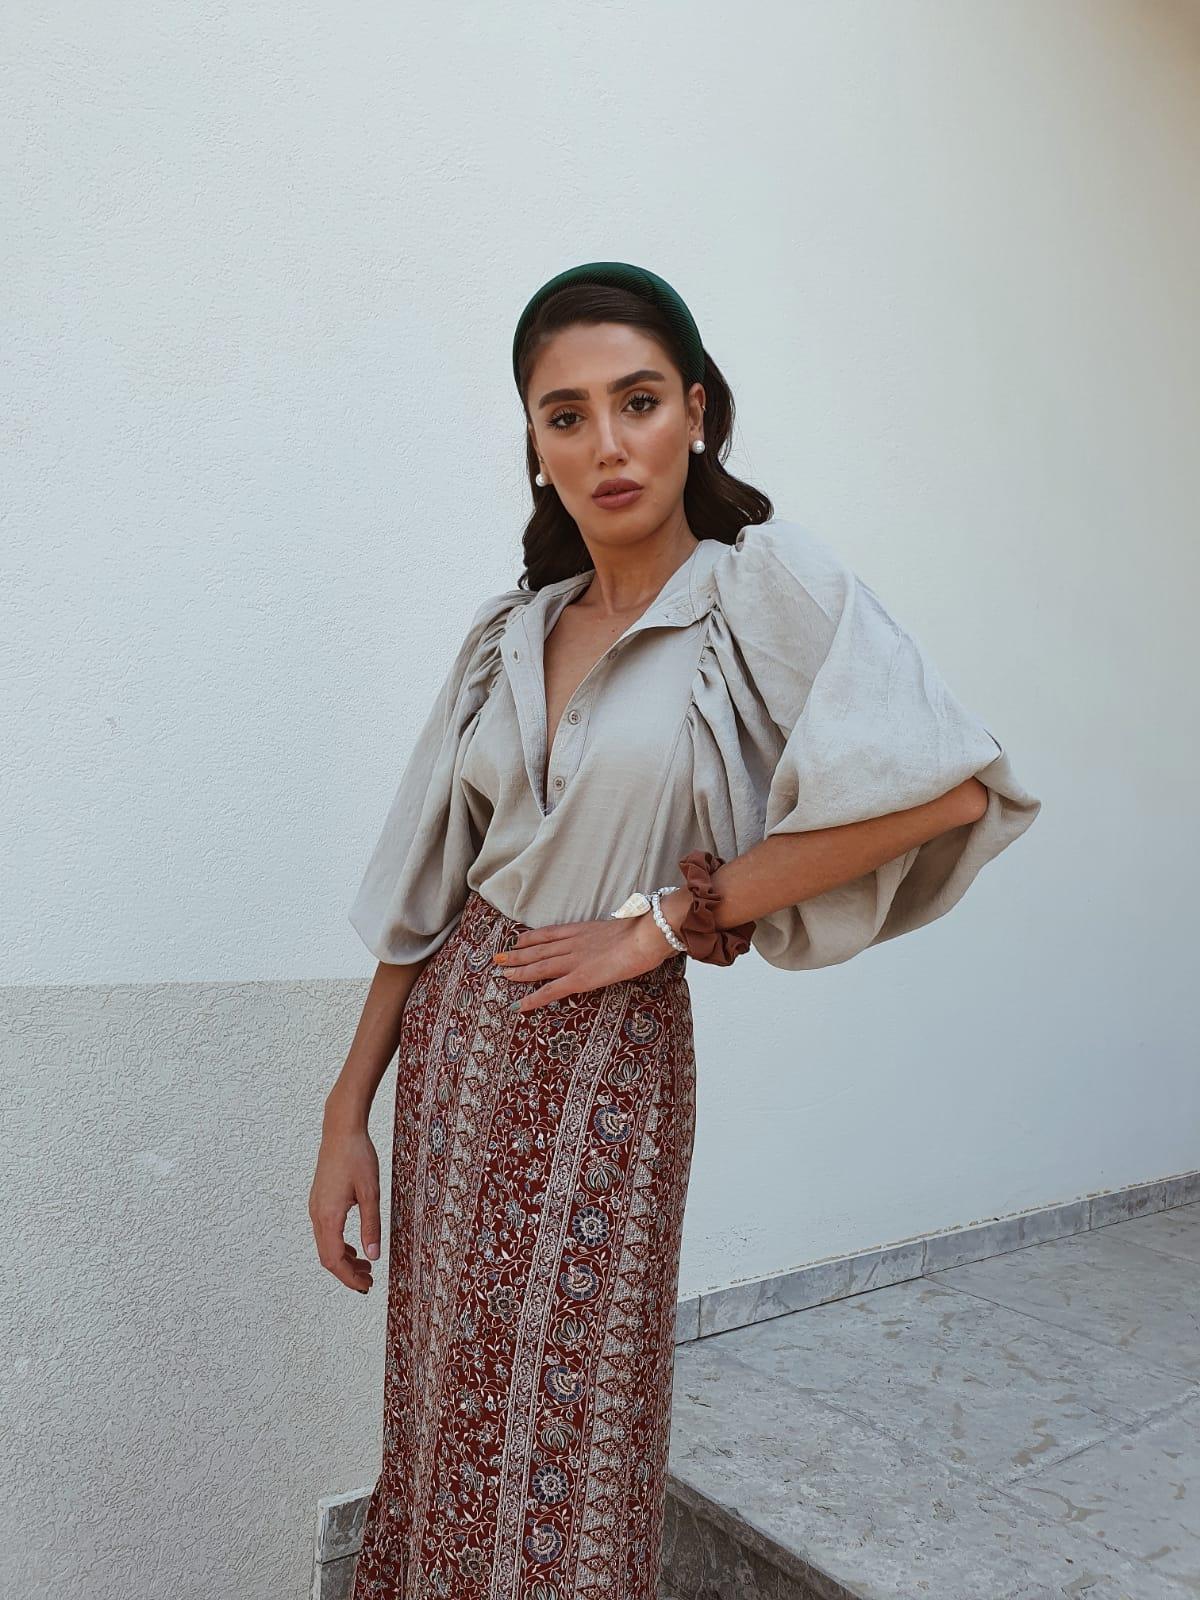 חצאית מקסי ברודווי - פרינט אתני בורדו